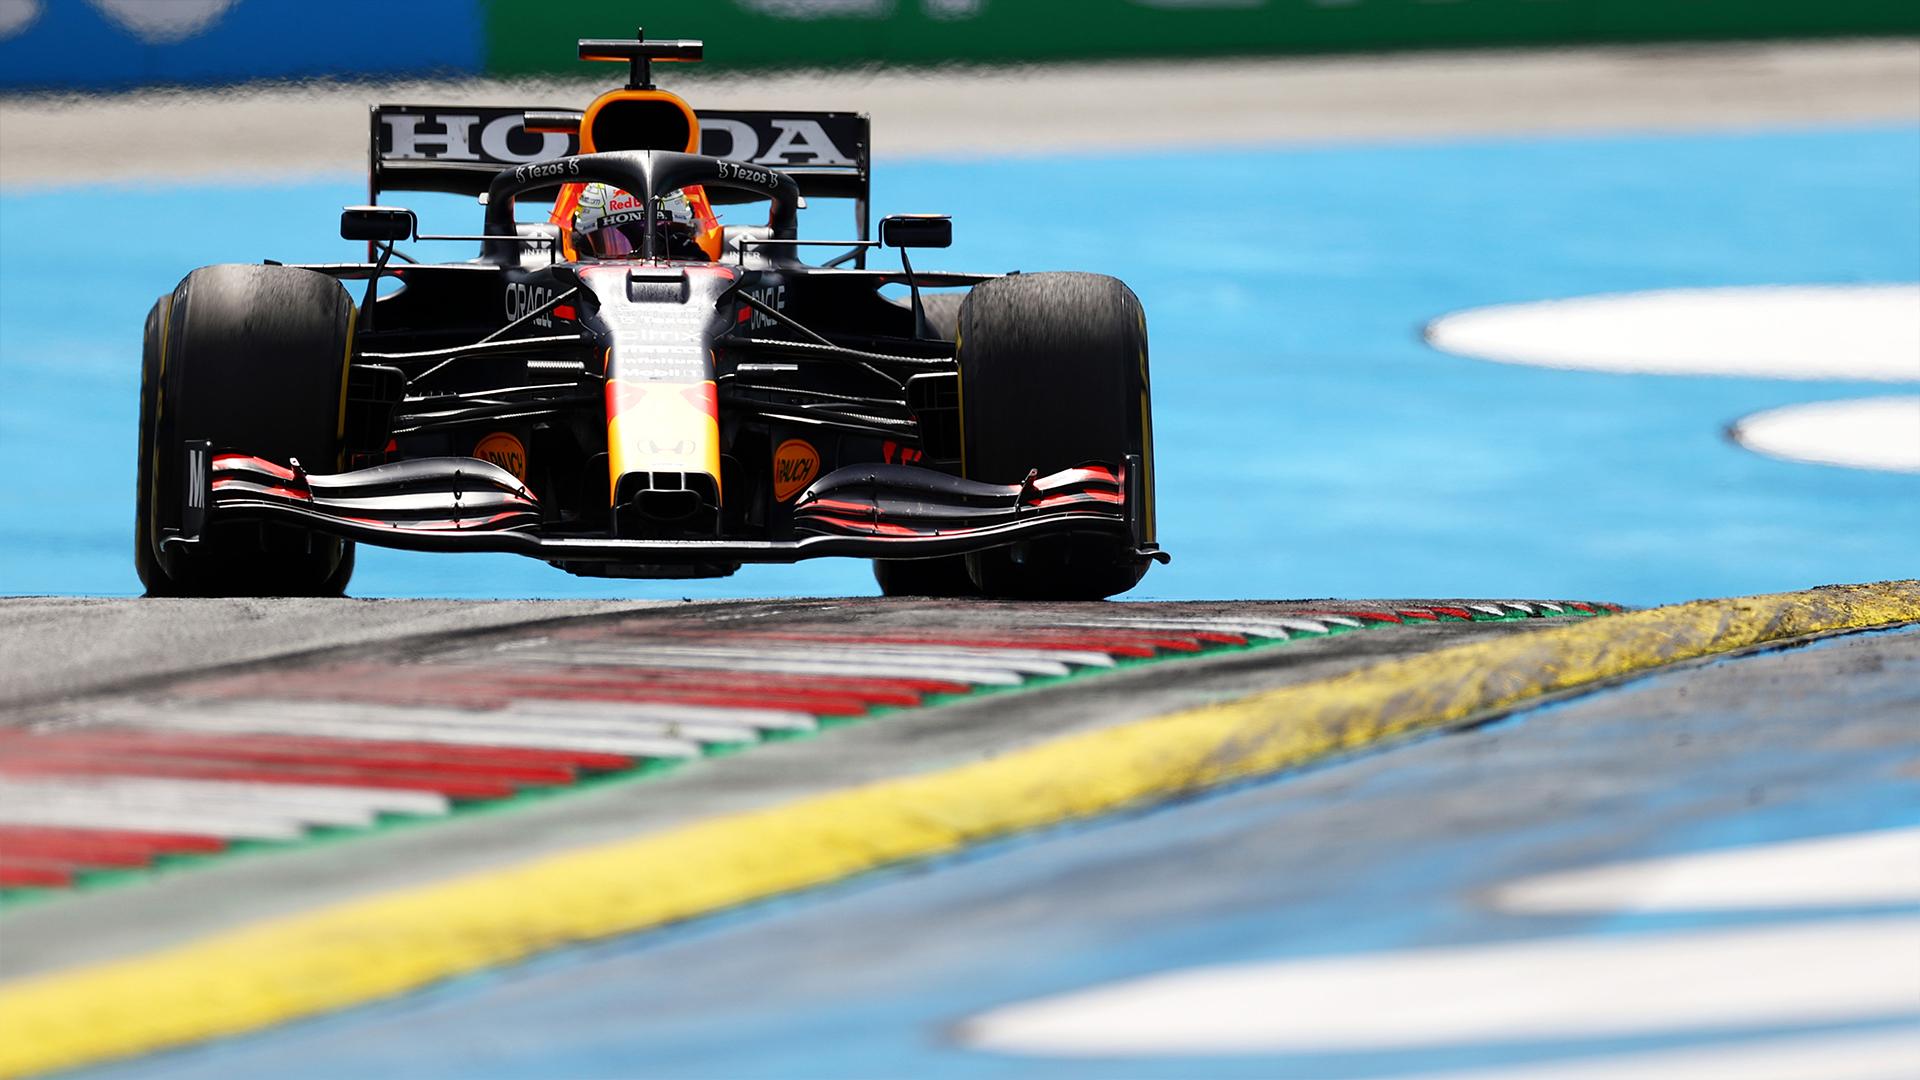 Gp di Stiria, risultati gara: Verstappen domina, Ferrari 6° e 7°.